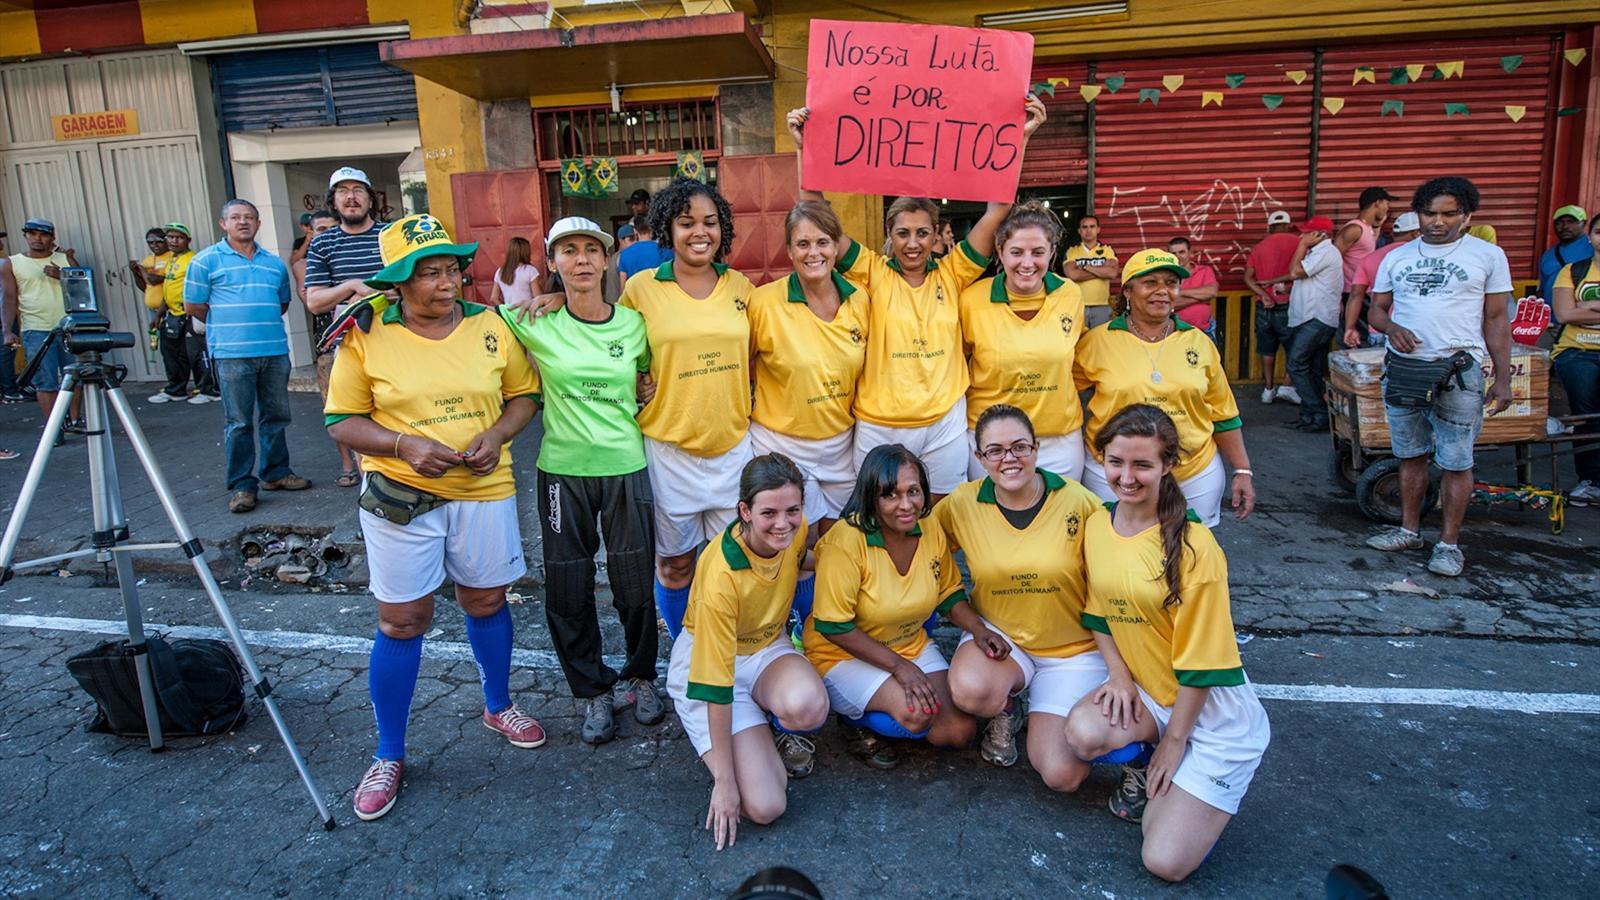 Смотреть проституток бразилии 8 фотография